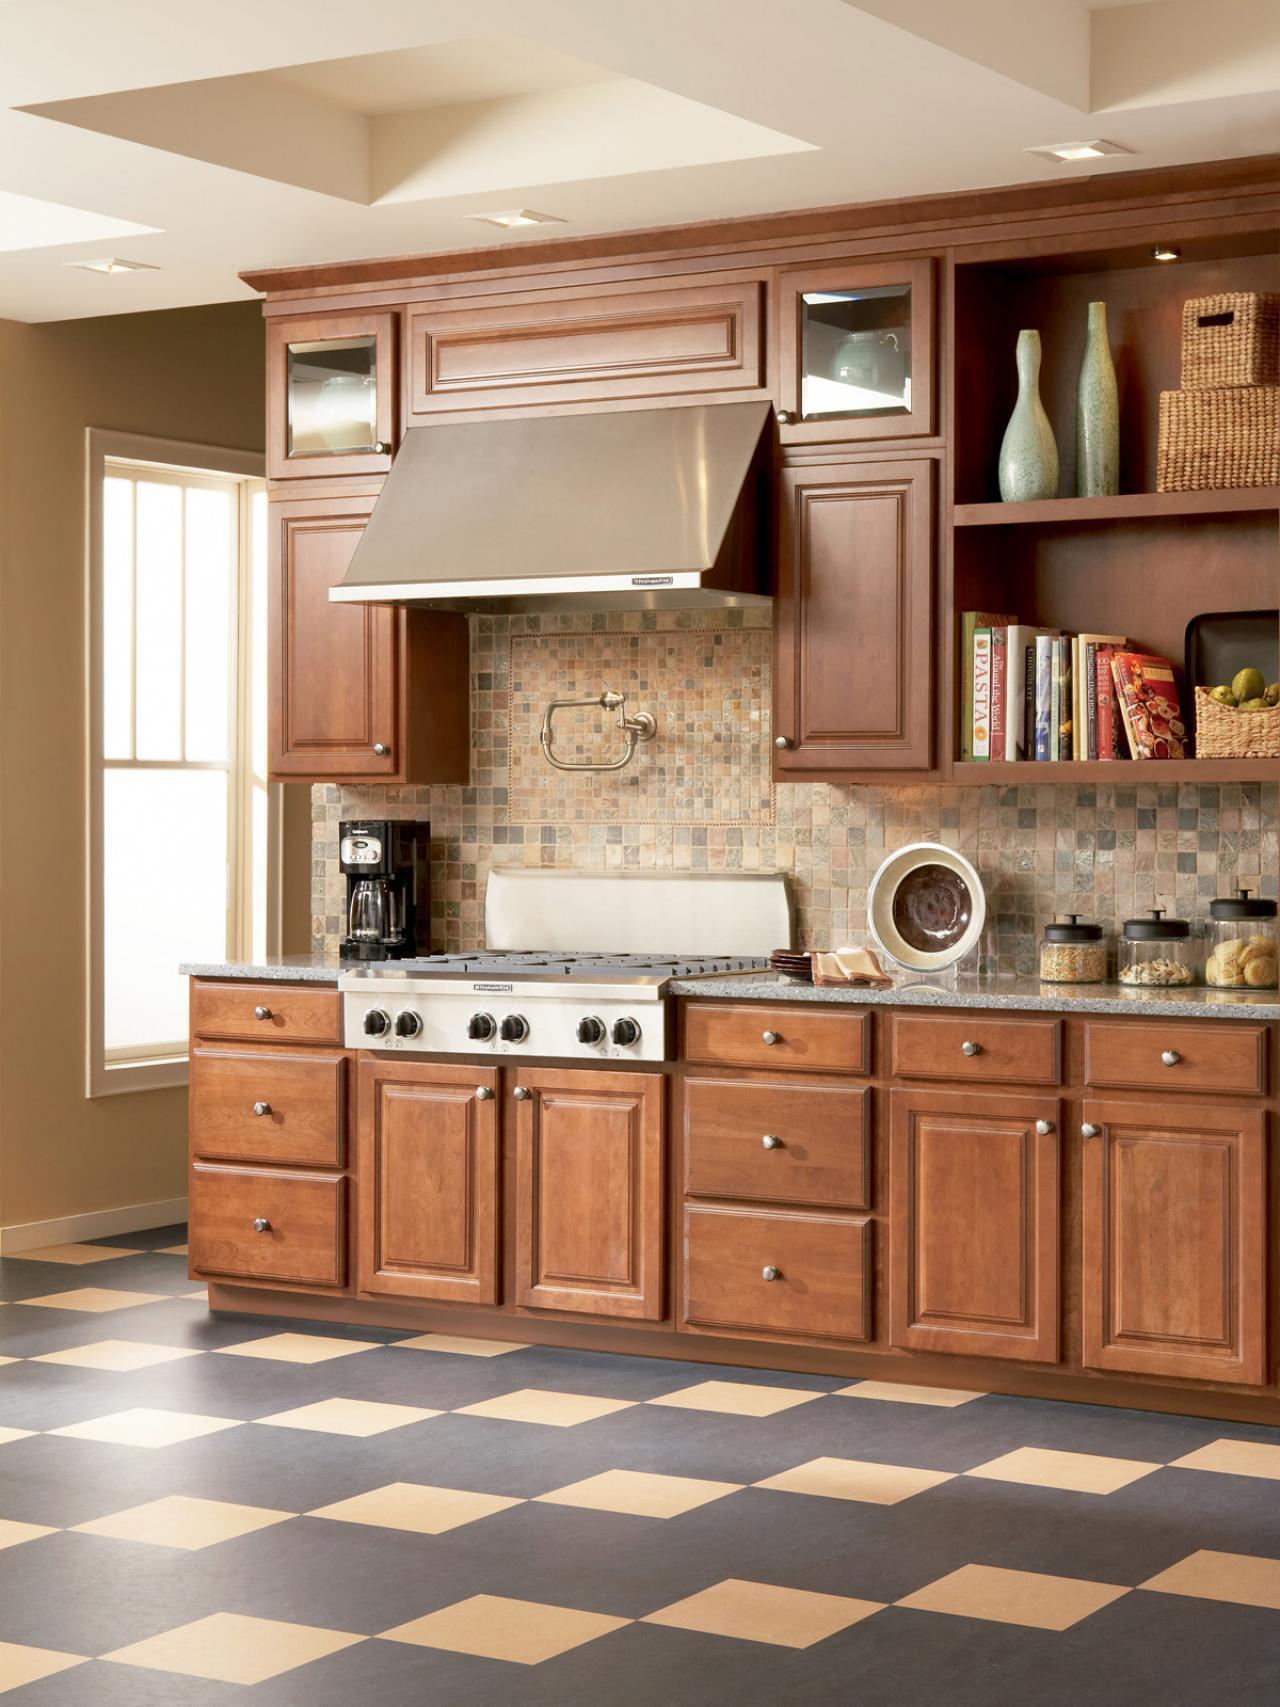 Natural linoleum in the kitchen // HGTV.com